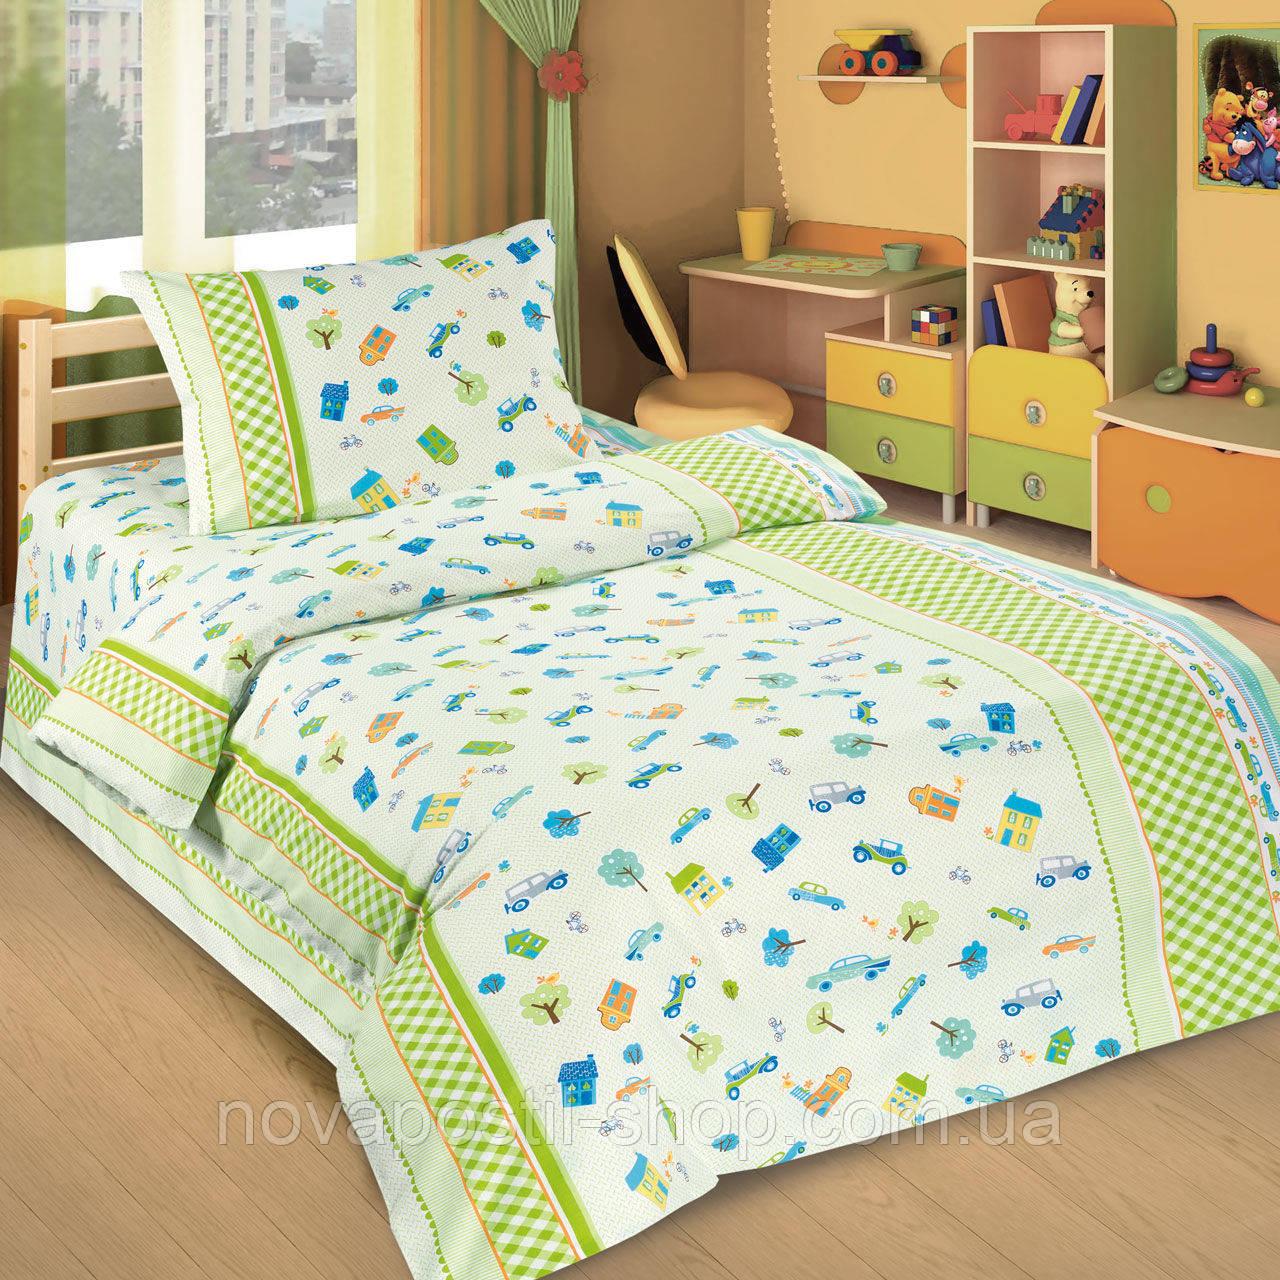 Комплект постельного белья Городок подростковый